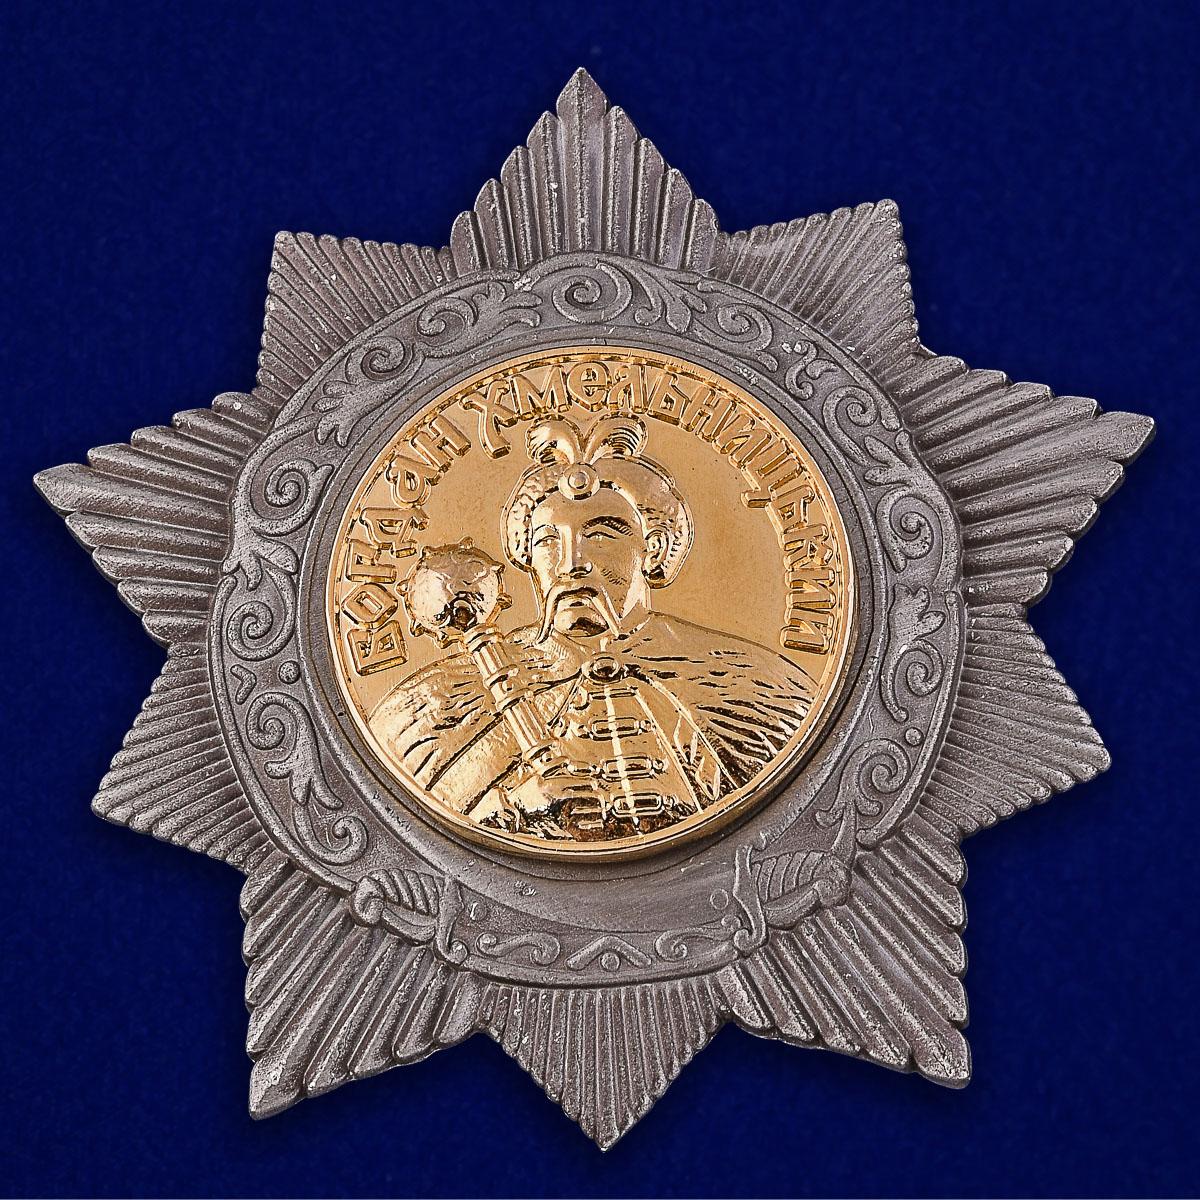 Муляж ордена Богдана Хмельницкого 2 степени (СССР)